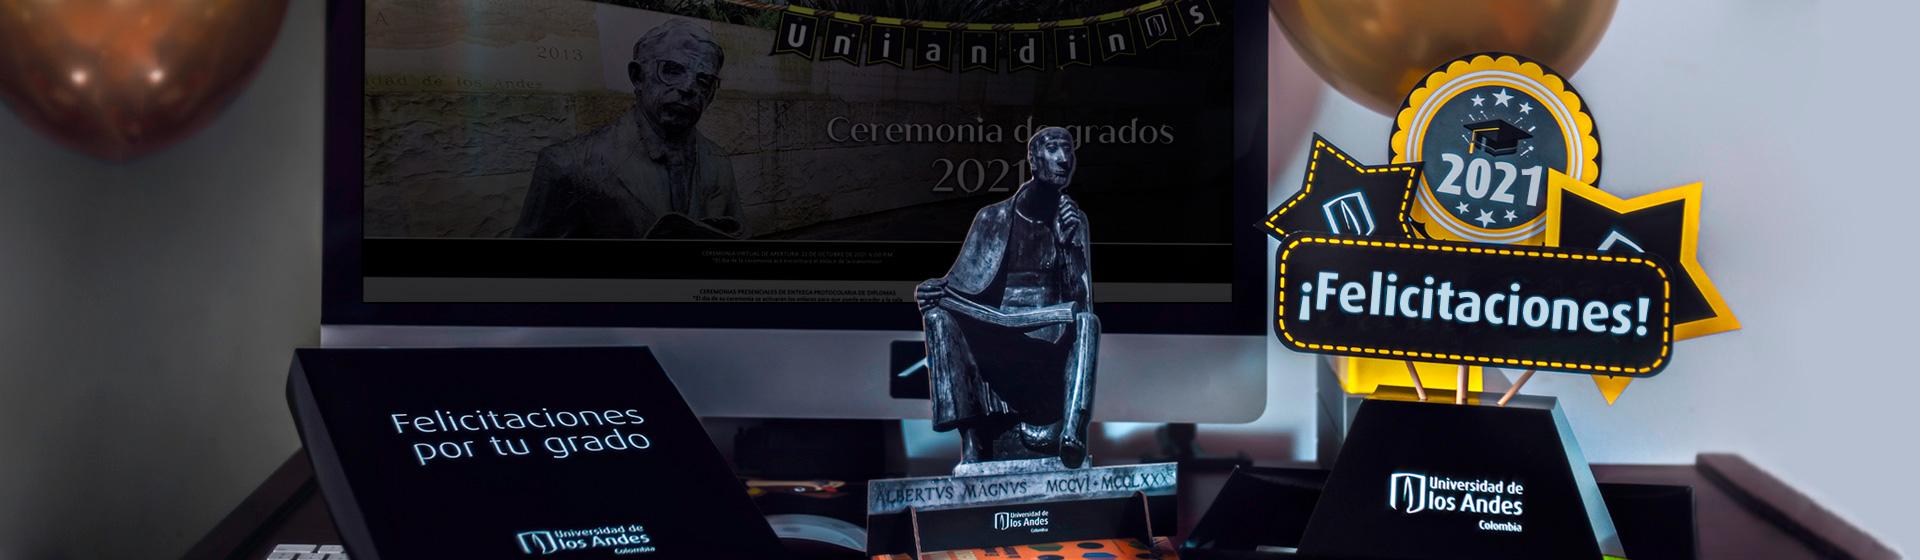 Ceremonia virtual de grados 2021 -2